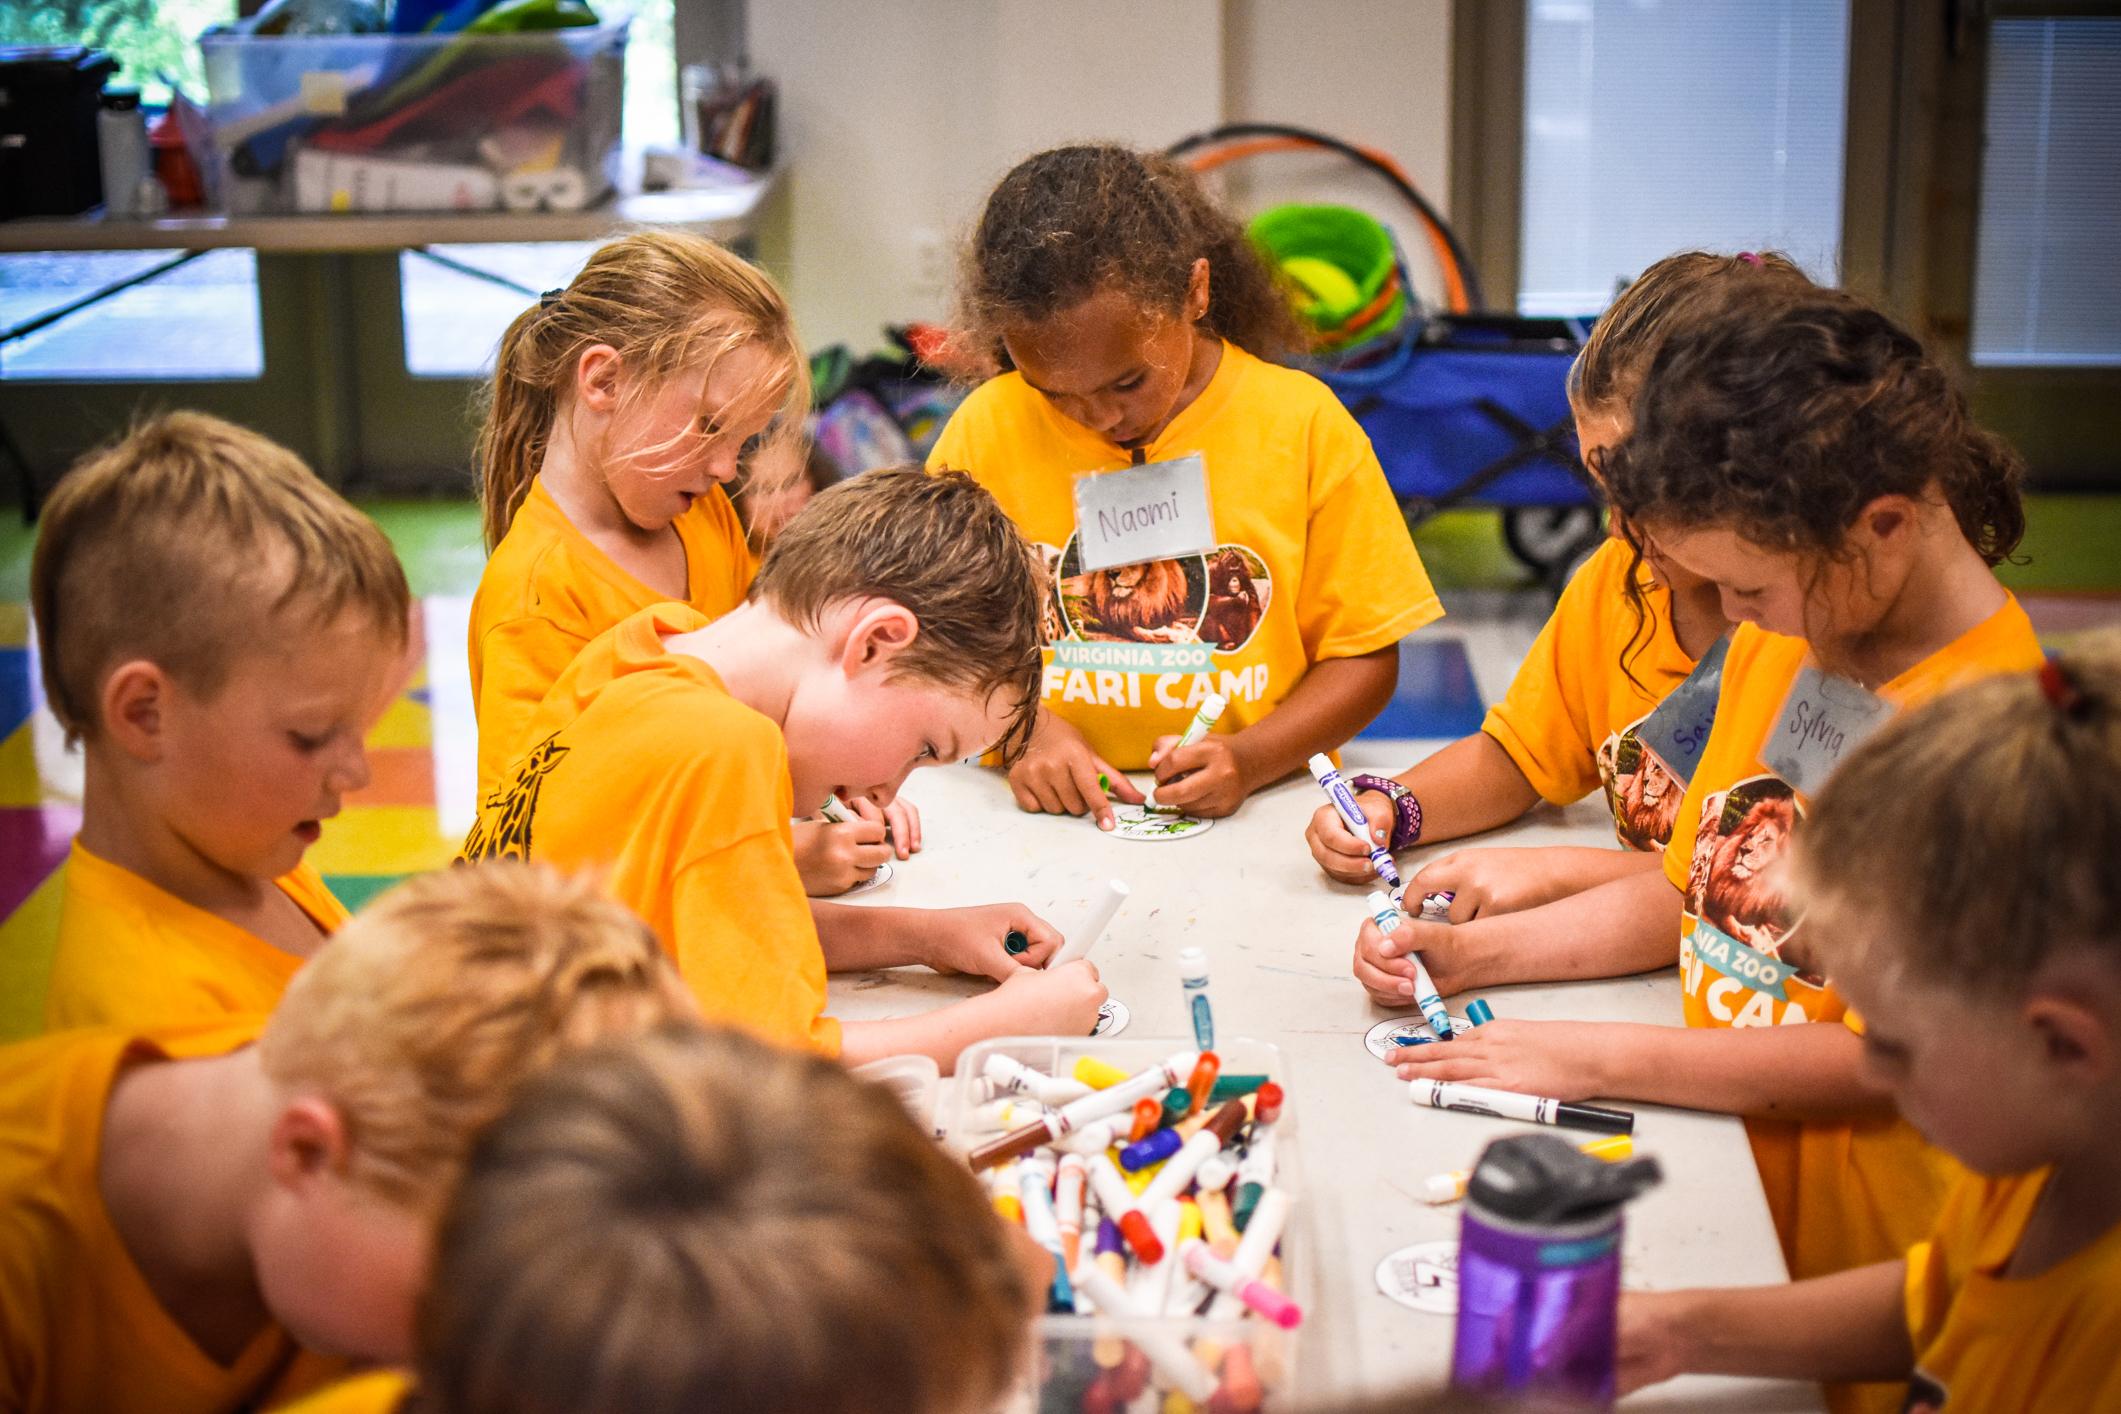 children color during safari camp